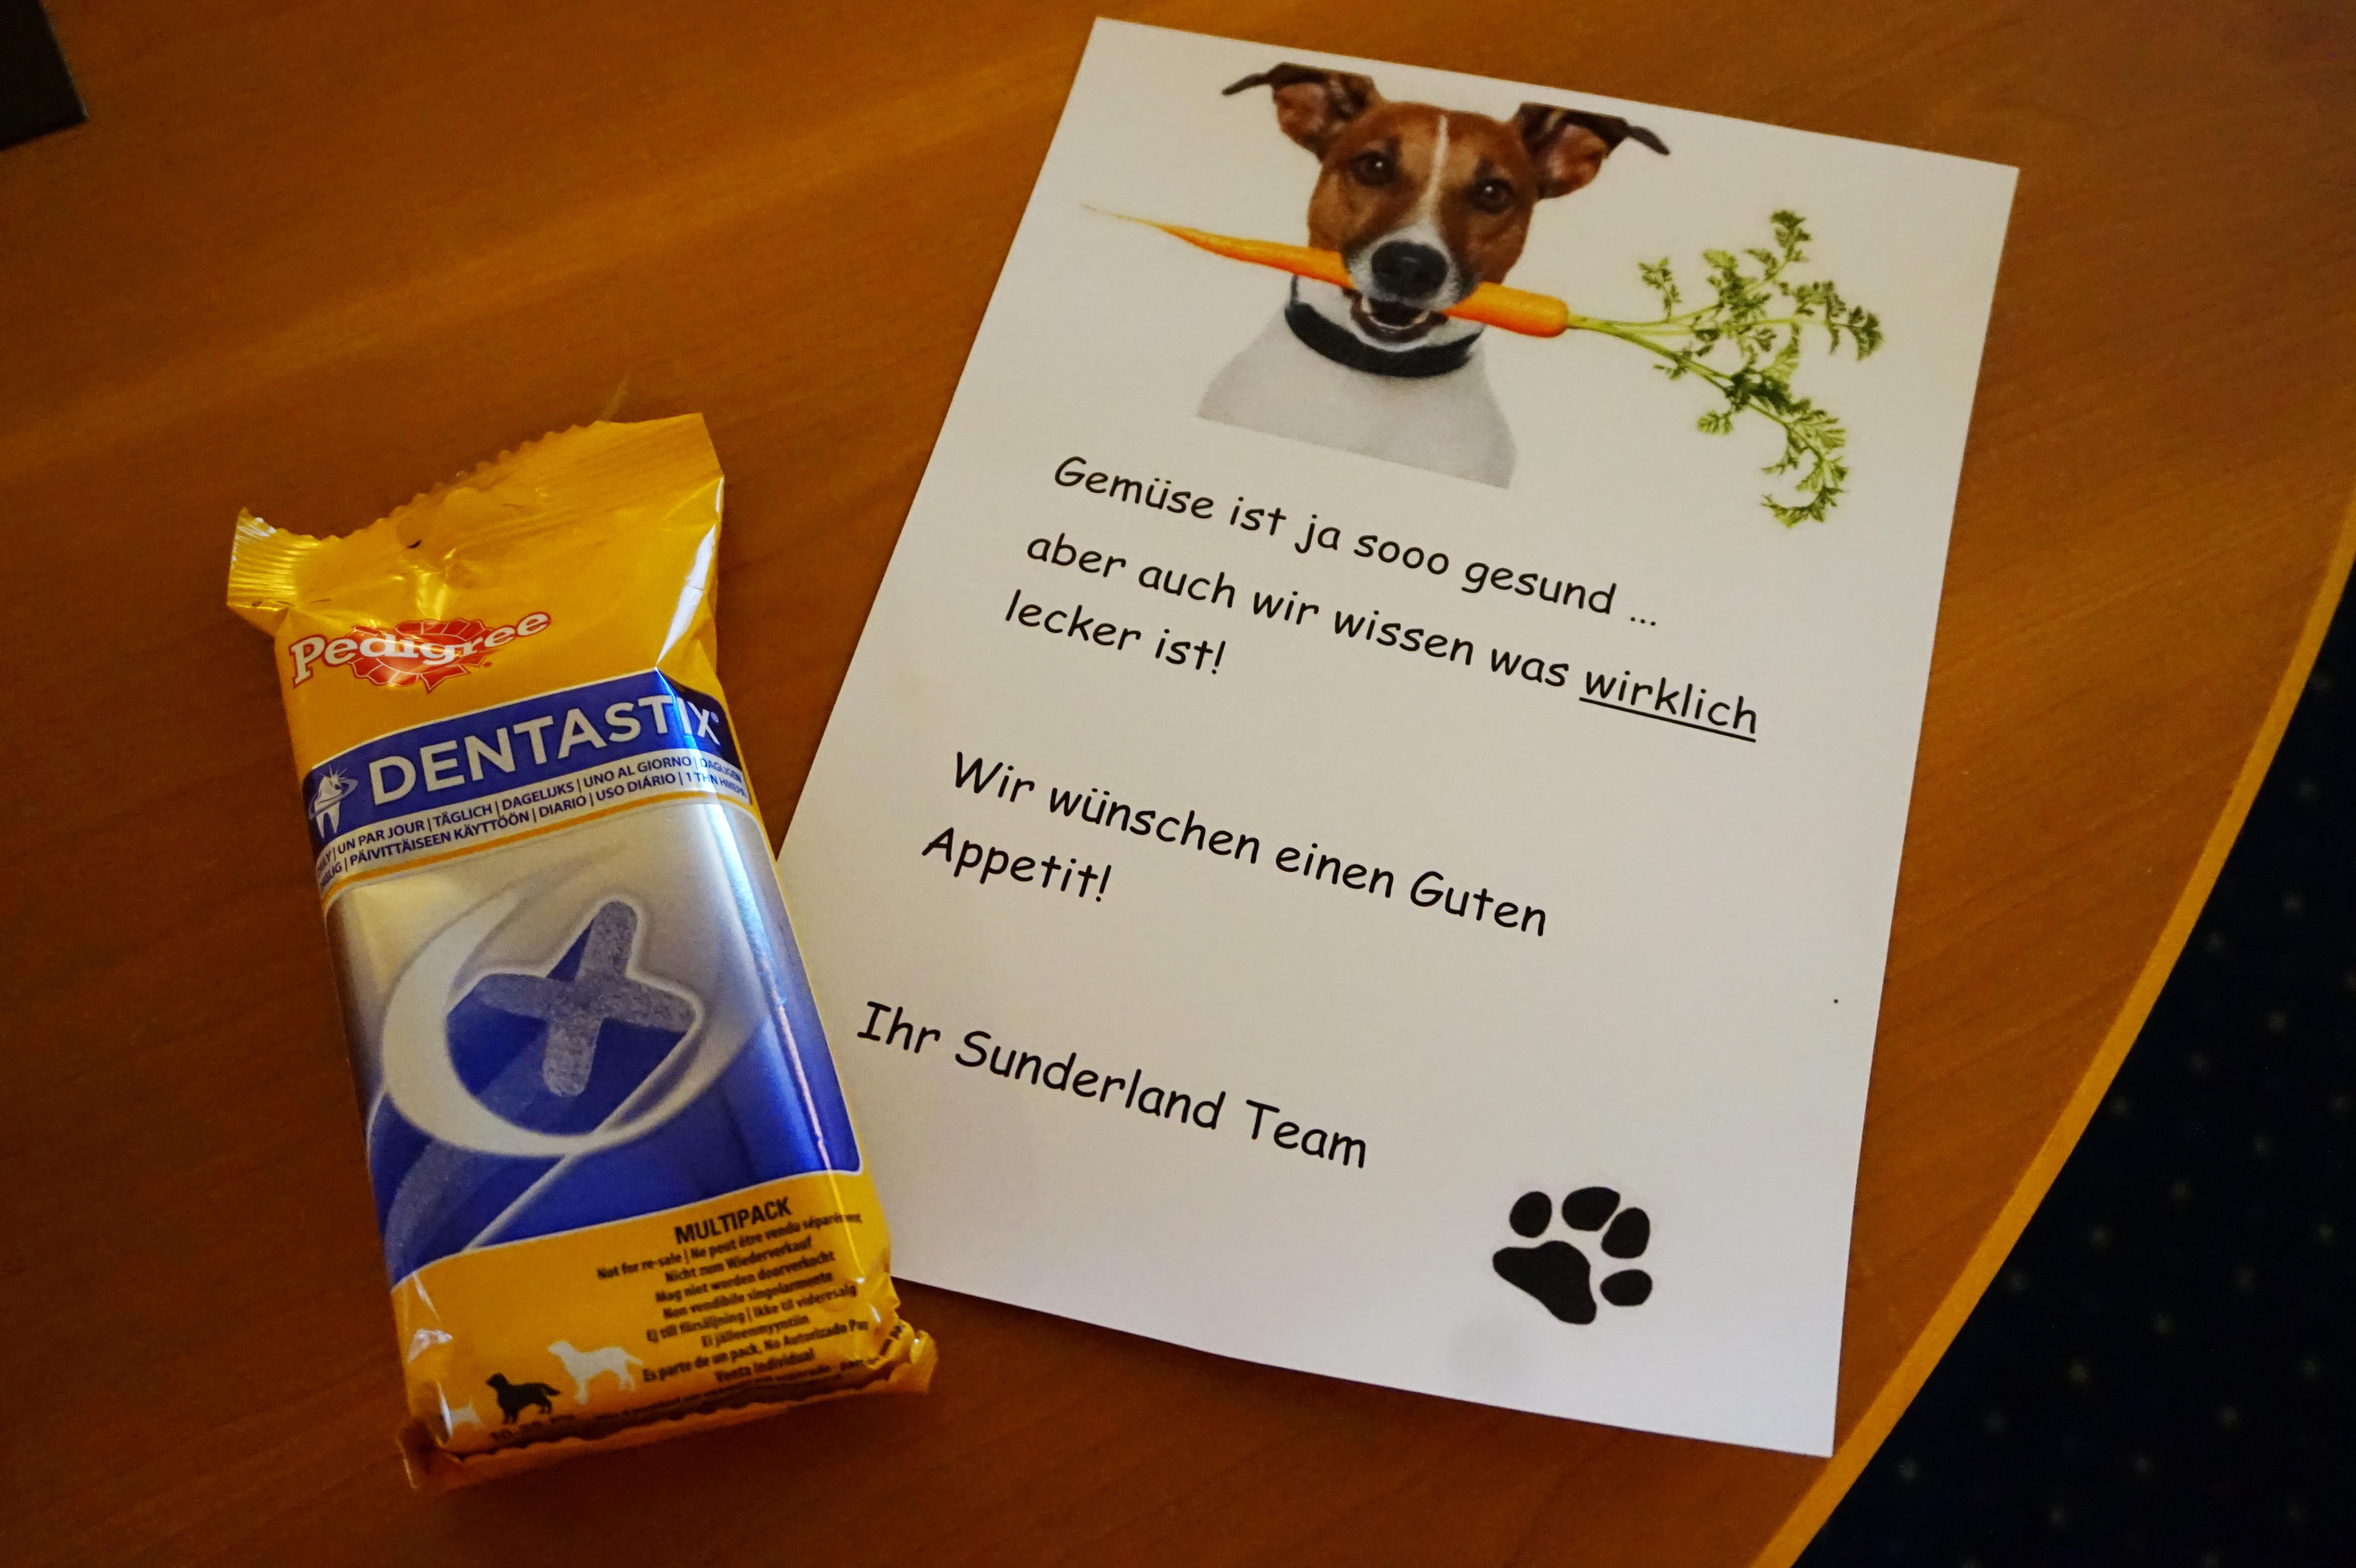 Willkommensgruß für Hunde im Sunderland Hotel im Sauerland